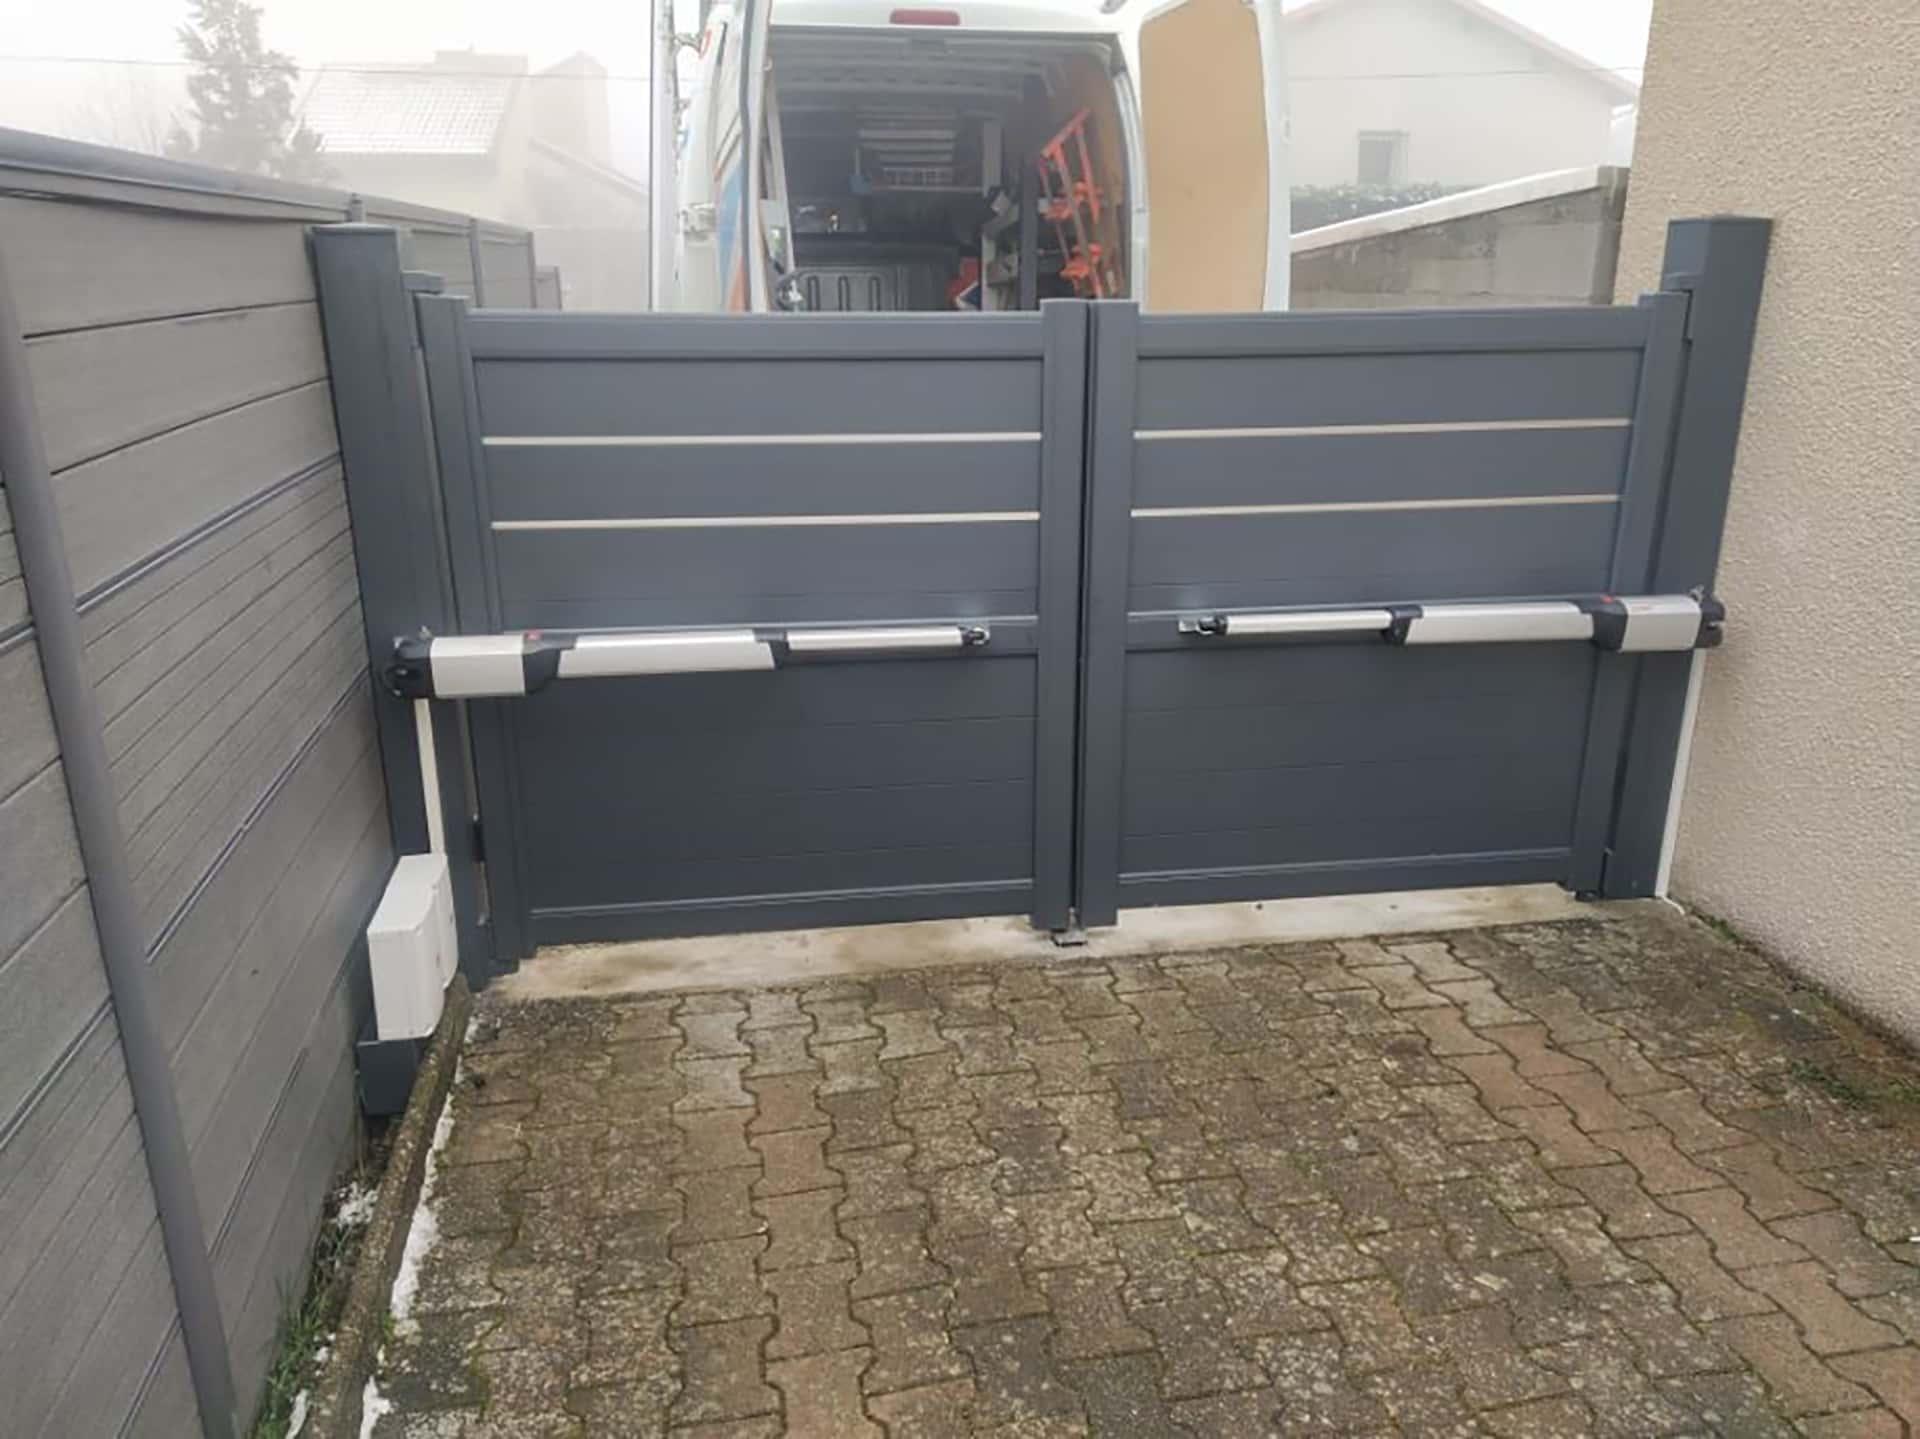 portail battant motorisé aluminium noir et liseret metalique